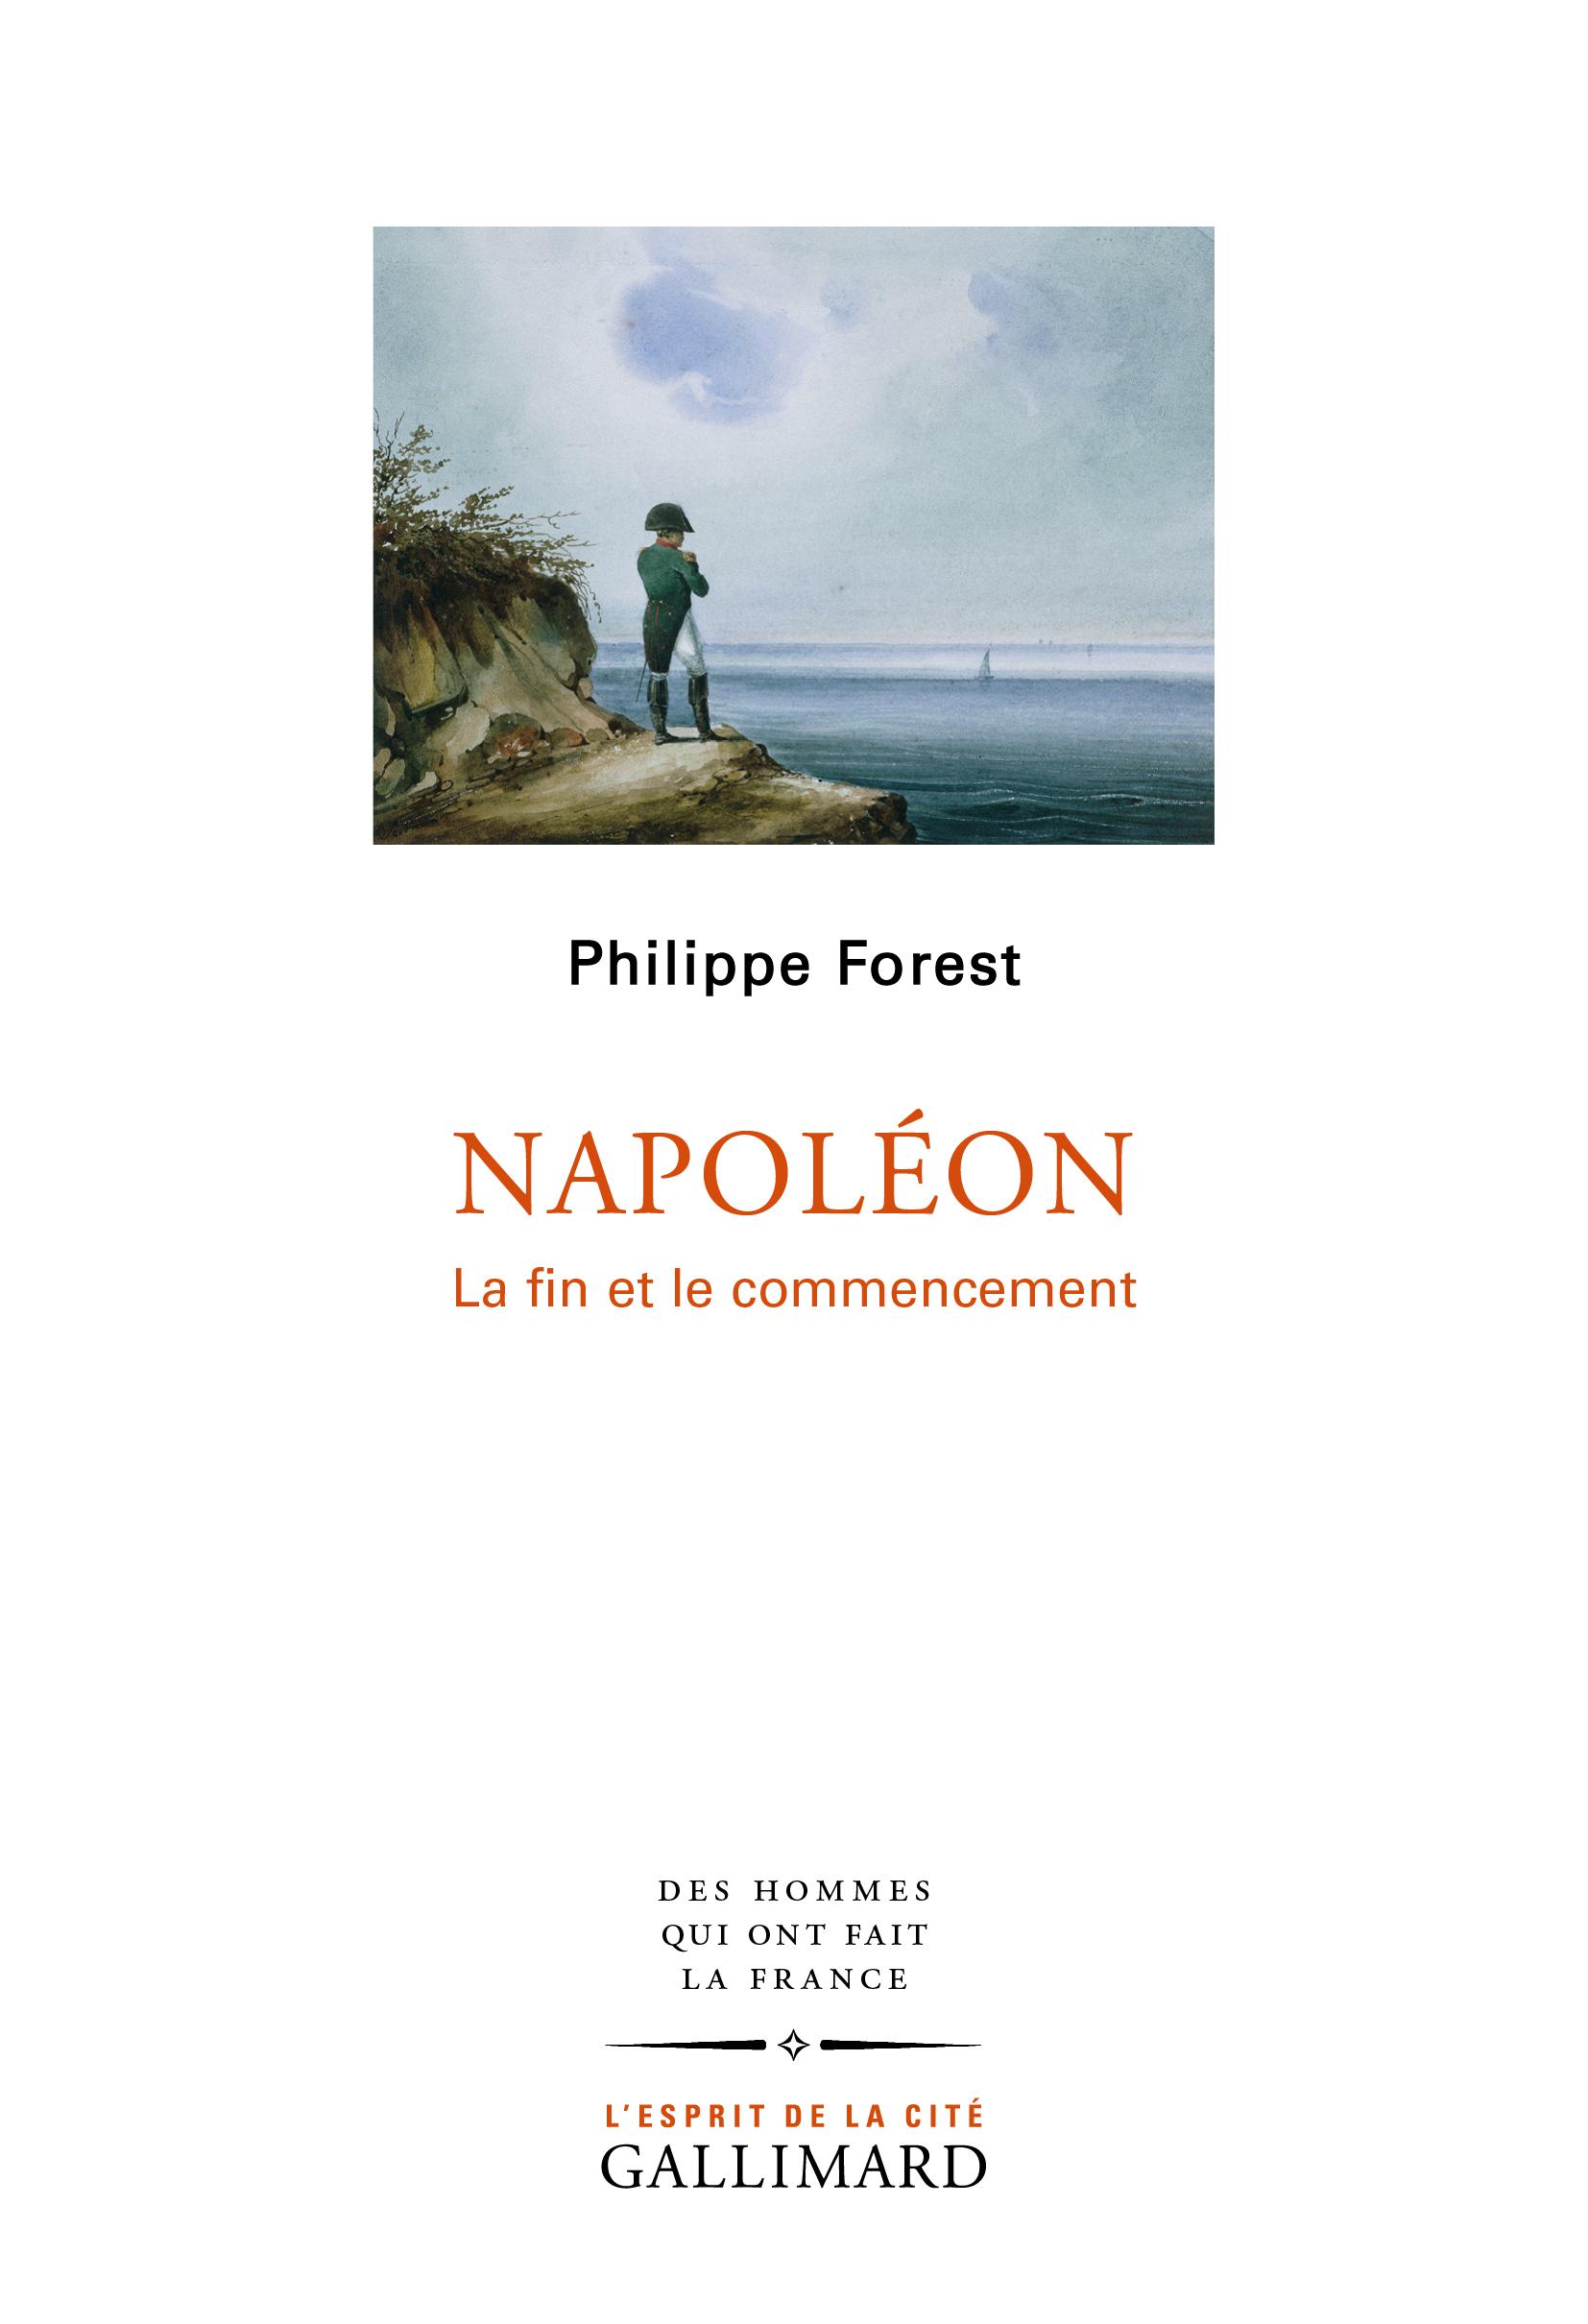 Ph. Forest, Napoléon. La fin et le commencement